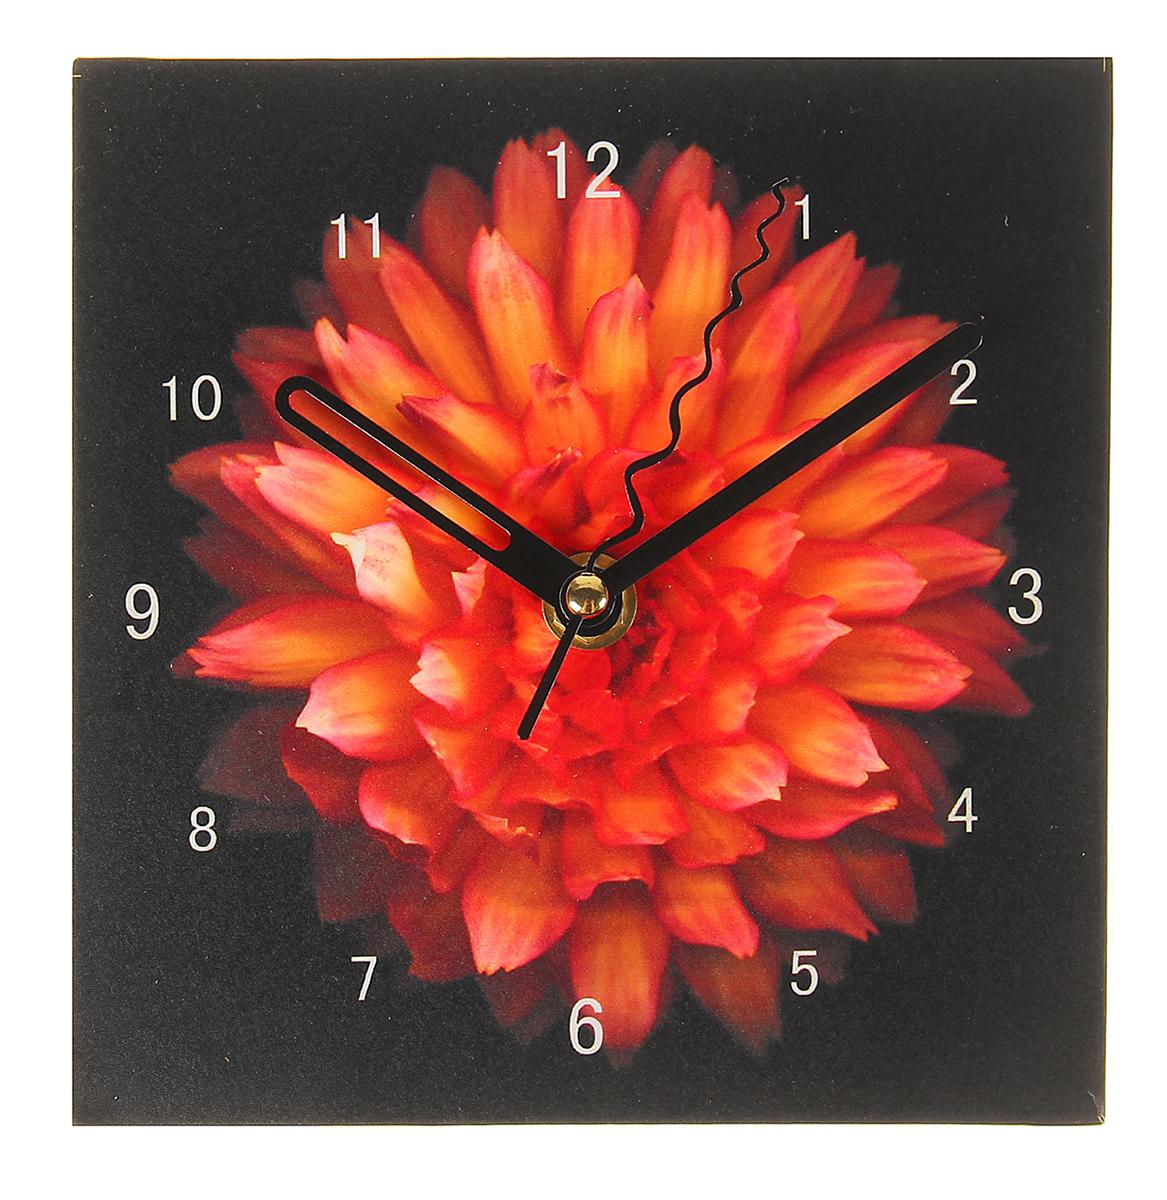 Часы настольные, 15 х 15 см. 10256251025625Каждому хозяину периодически приходит мысль обновить свою квартиру, сделать ремонт, перестановку или кардинально поменять внешний вид каждой комнаты. Часы настольные Астра — привлекательная деталь, которая поможет воплотить вашу интерьерную идею, создать неповторимую атмосферу в вашем доме. Окружите себя приятными мелочами, пусть они радуют глаз и дарят гармонию.